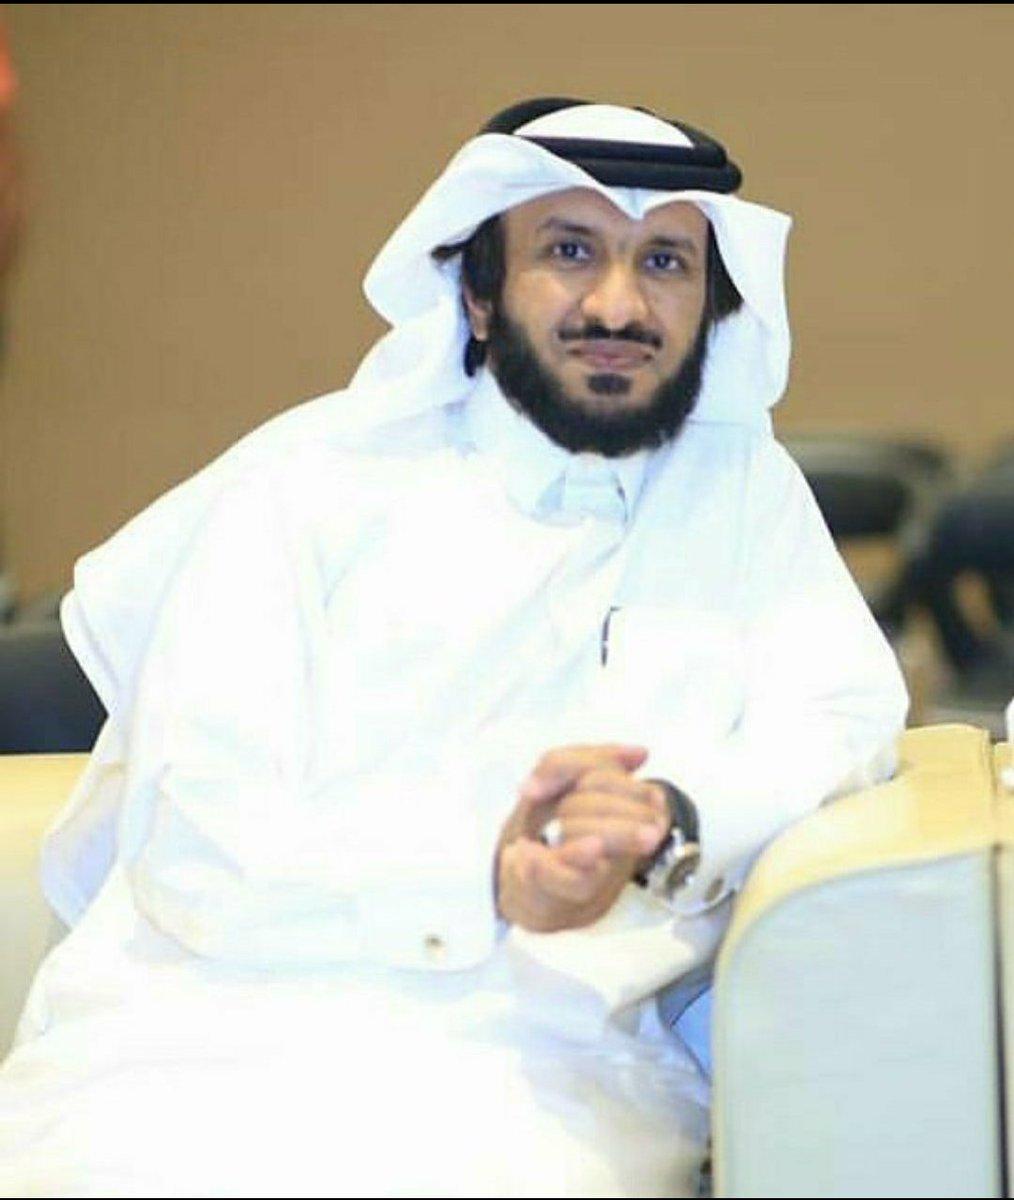 نتيجة بحث الصور عن الدكتور موسى محمد هجاد الزهراني